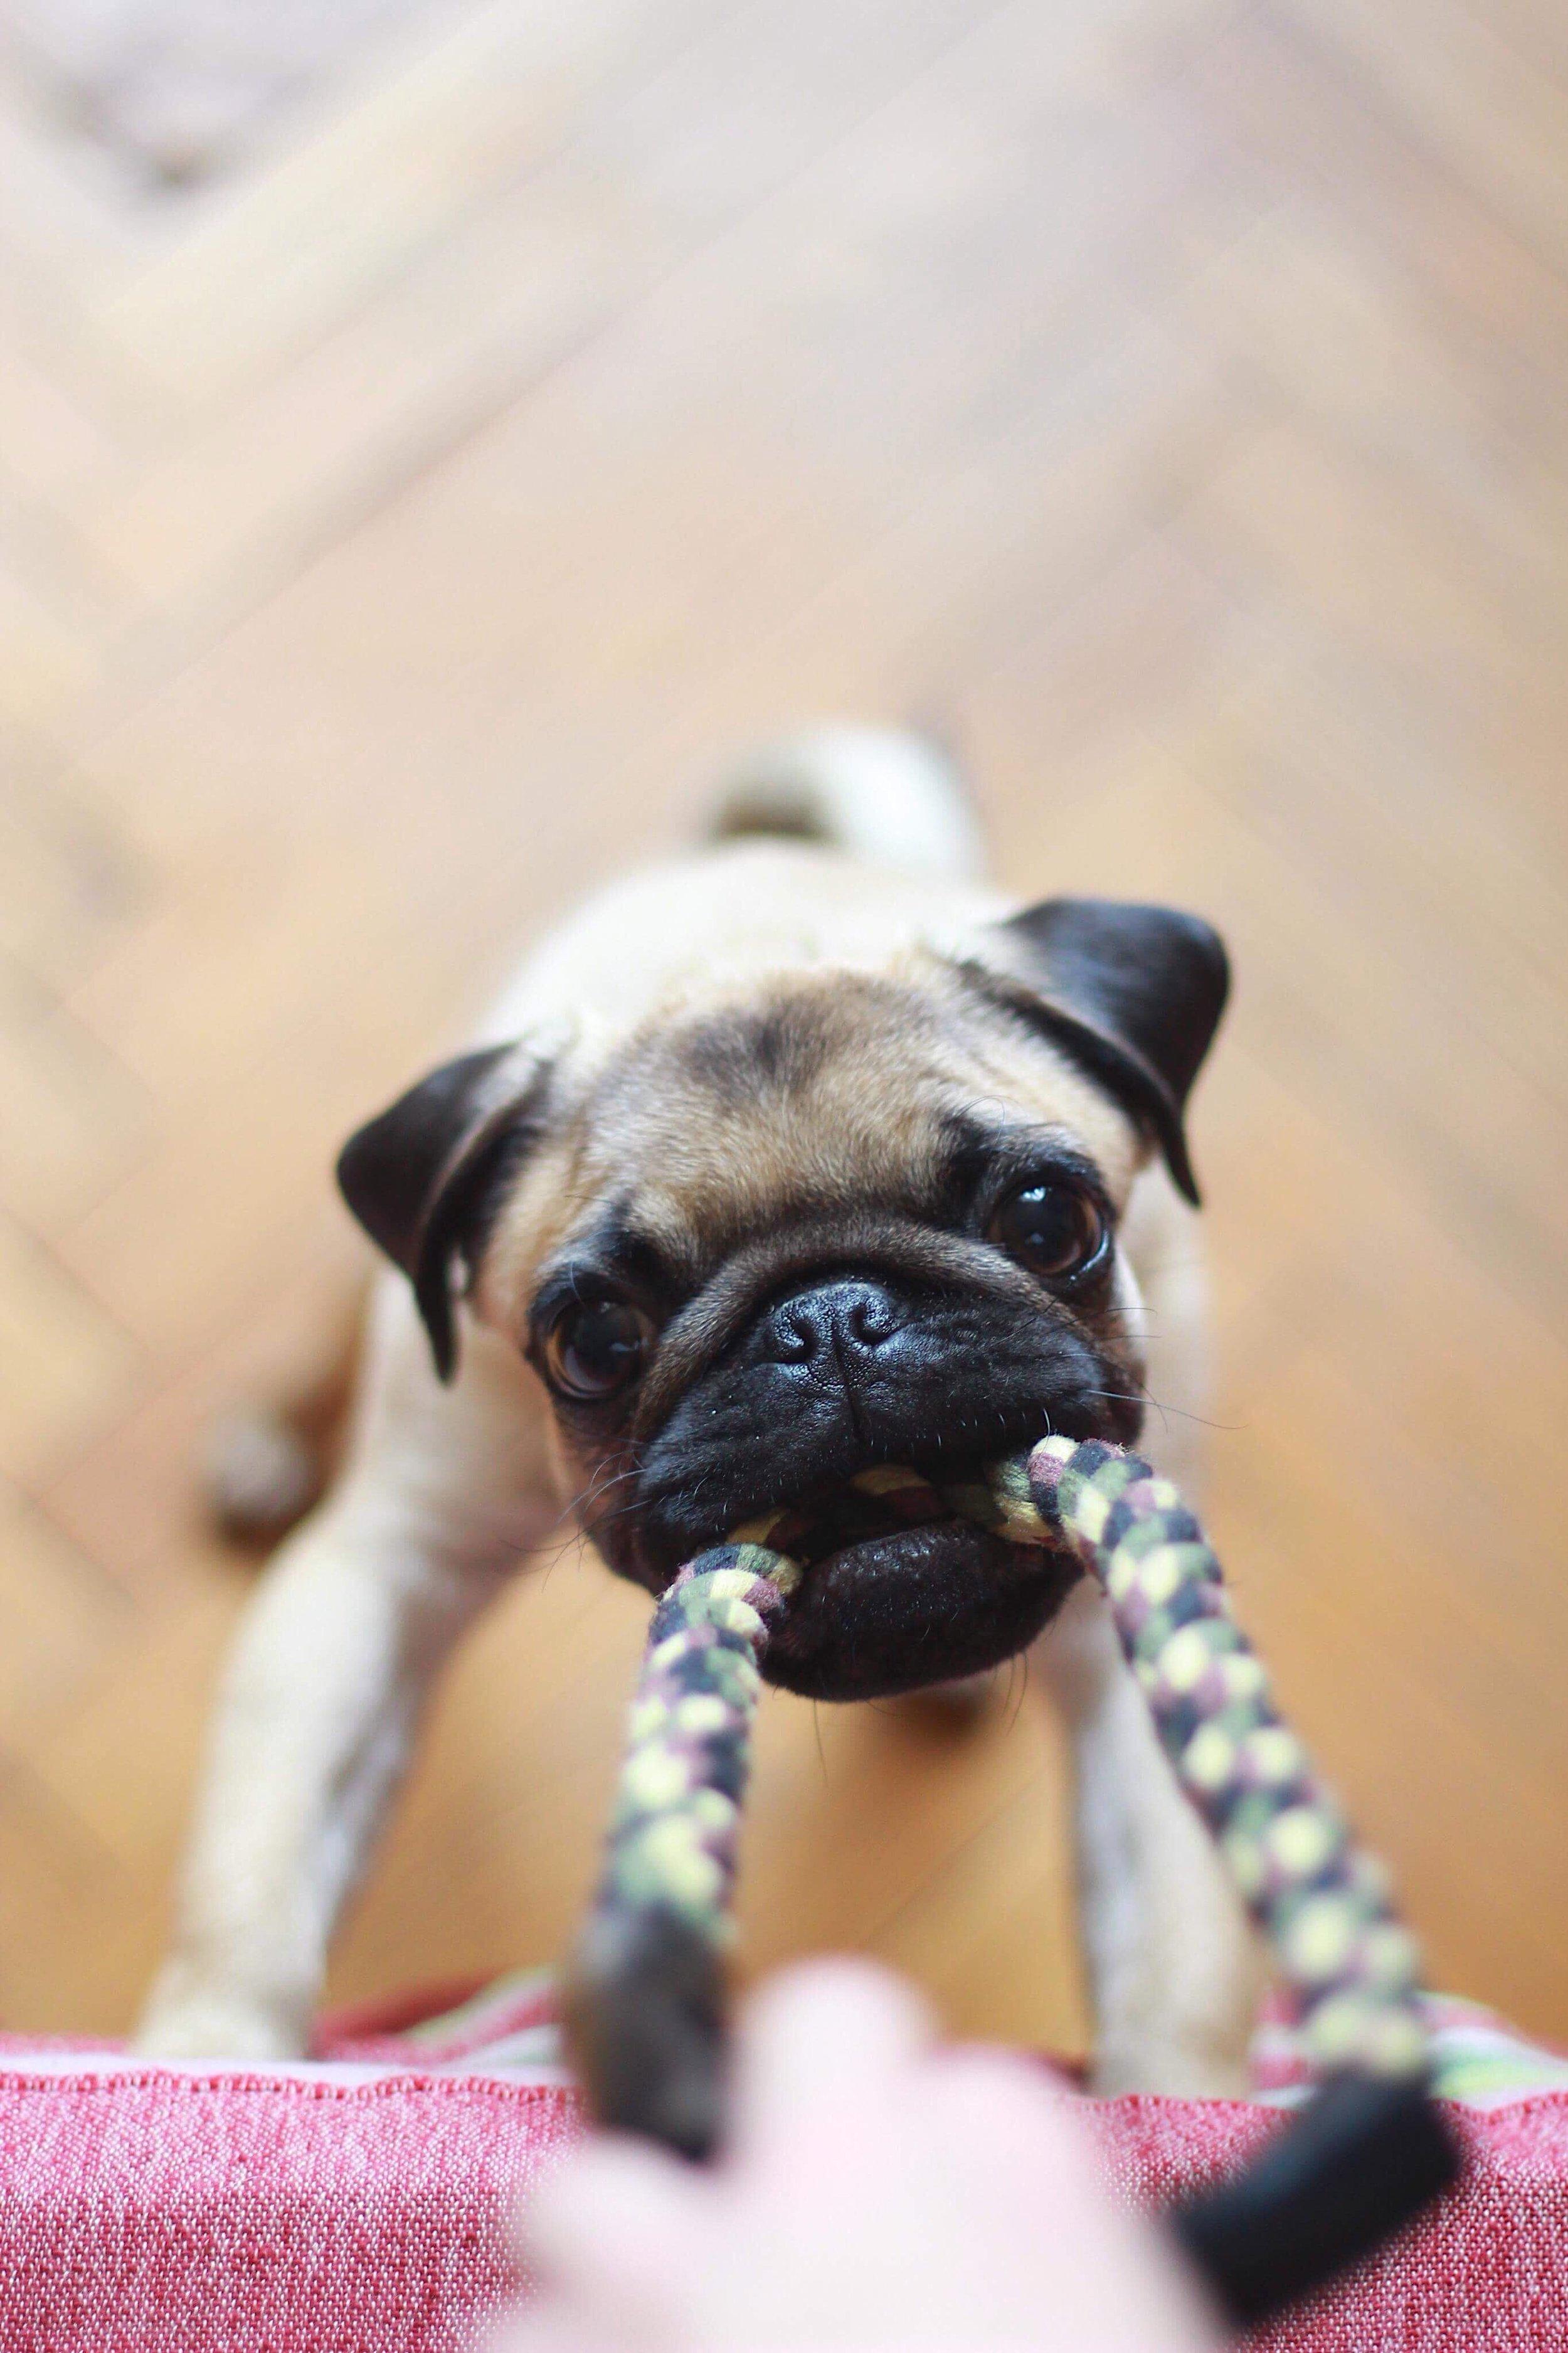 dog-with-chew-toy.jpg